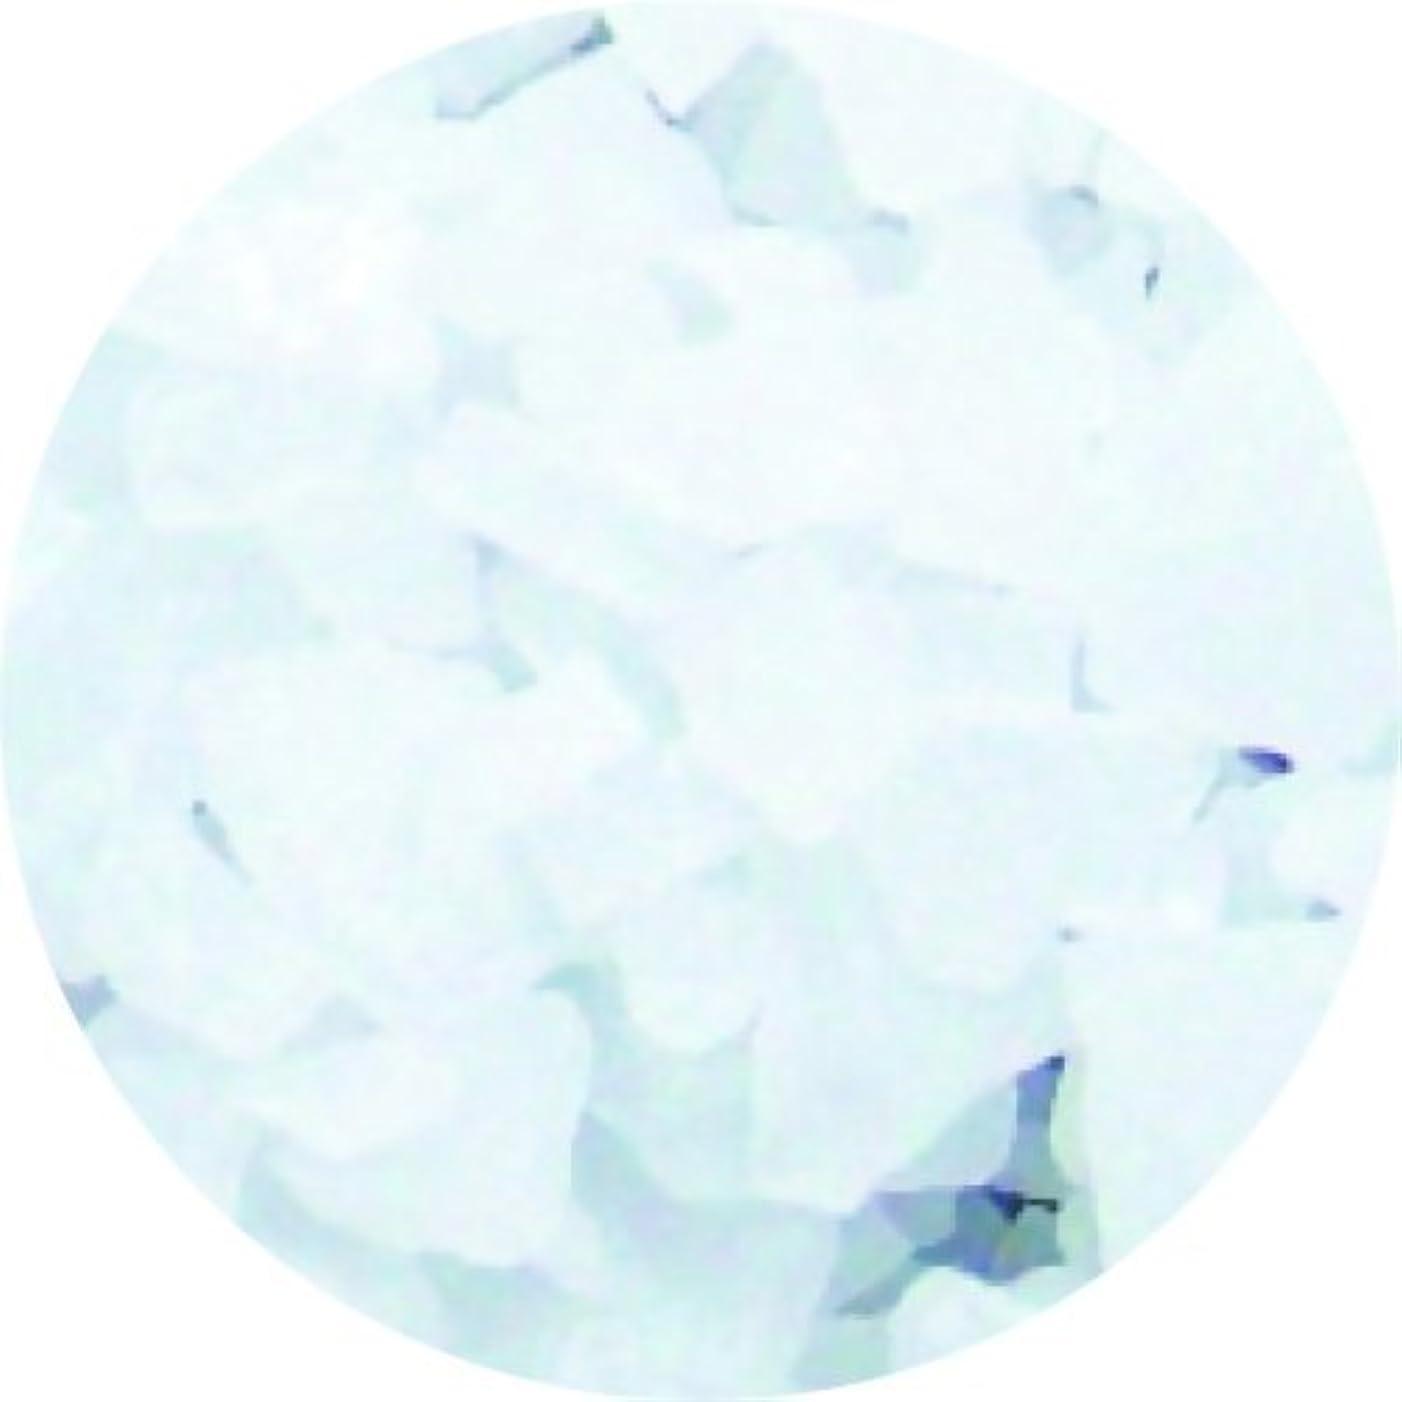 バック日光連合死海の塩マグネシウムJ1kg